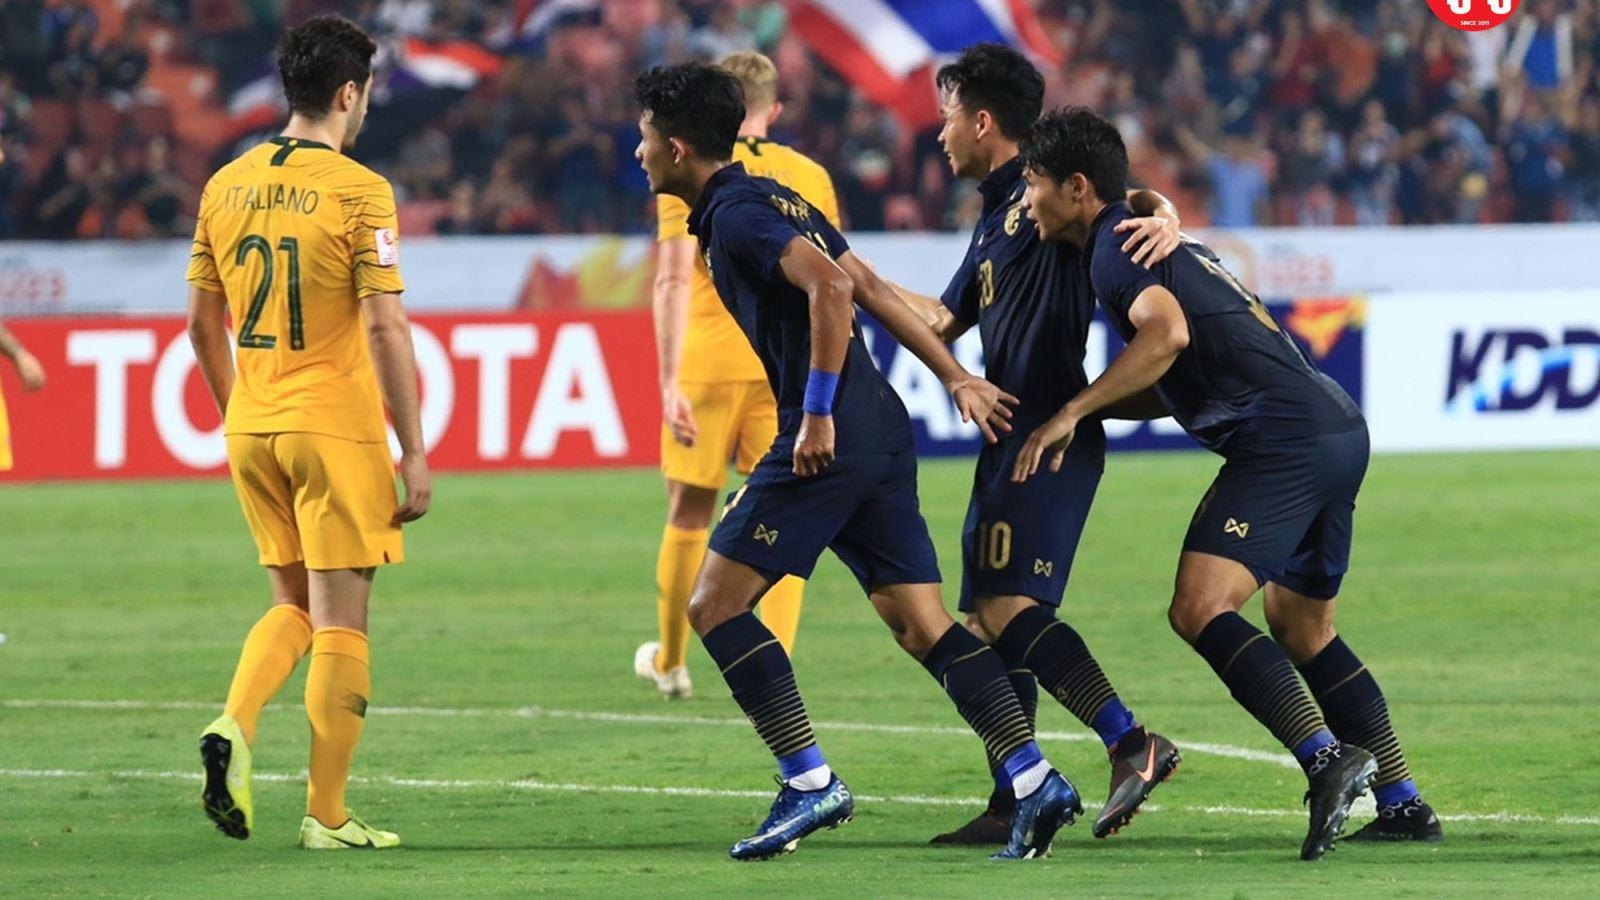 Ket qua bong da U23 chau A, Ket qua bong da, U23 Úc vs Thái Lan, U23 Thái Lan vs Úc, Kết quả U23 châu Á 2020, Australia 2-1 Thái Lan, kết quả bóng đá trực tuyến